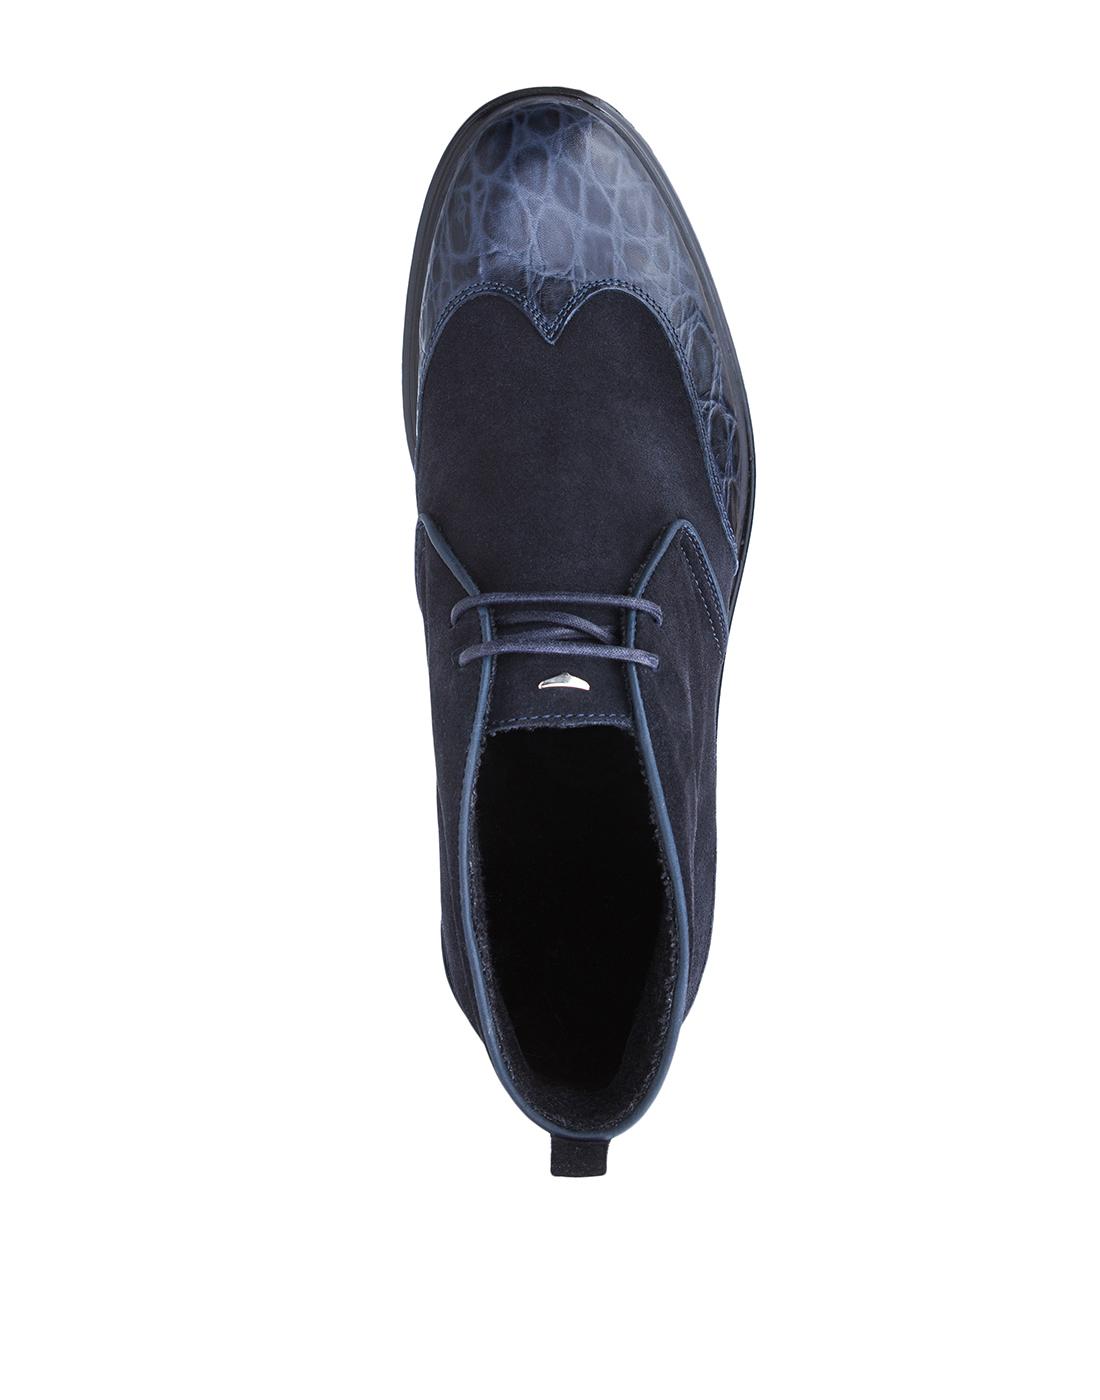 Ботинки синие мужские A.Guardiani S77519-5